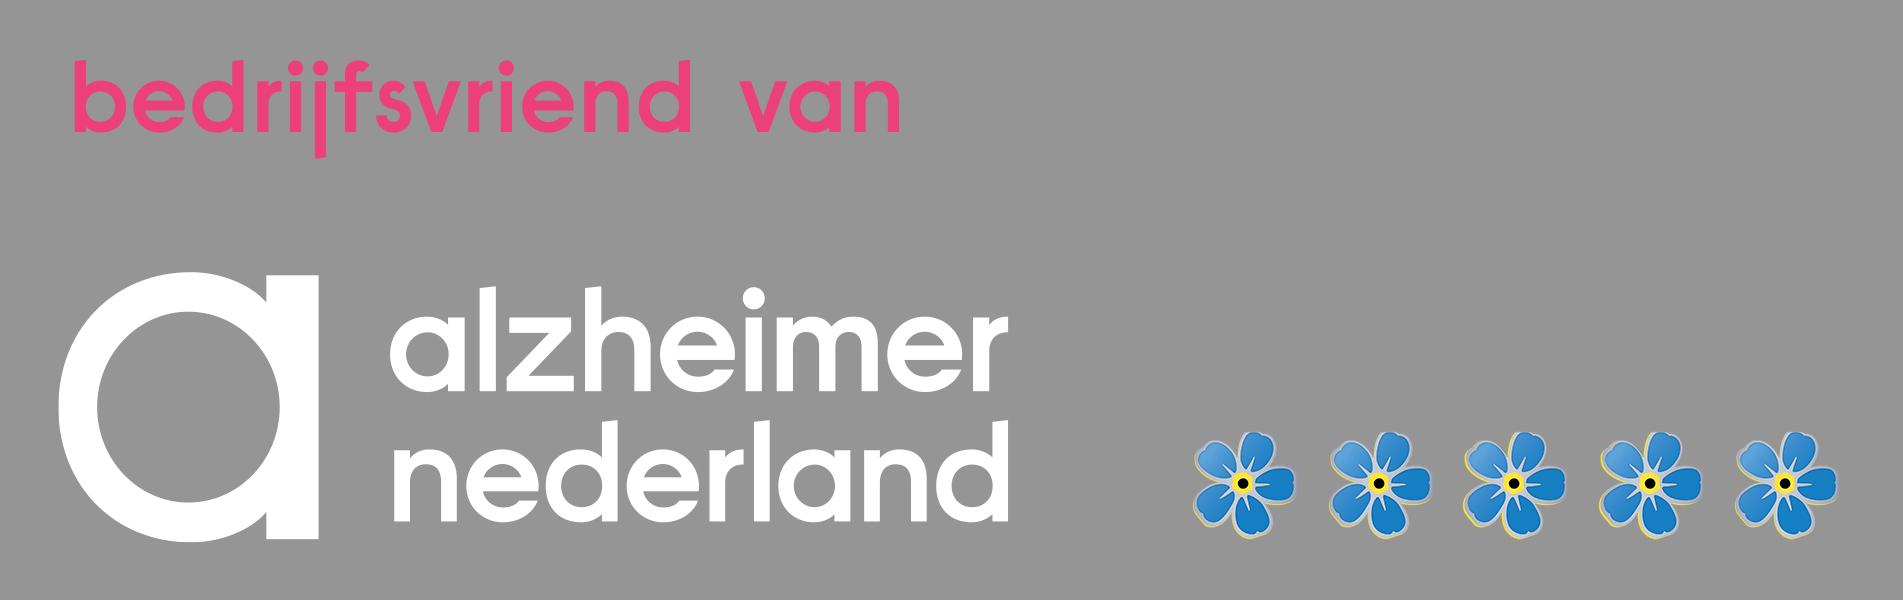 Be by Bèta bedrijfsvriend Alzheimer Nederland